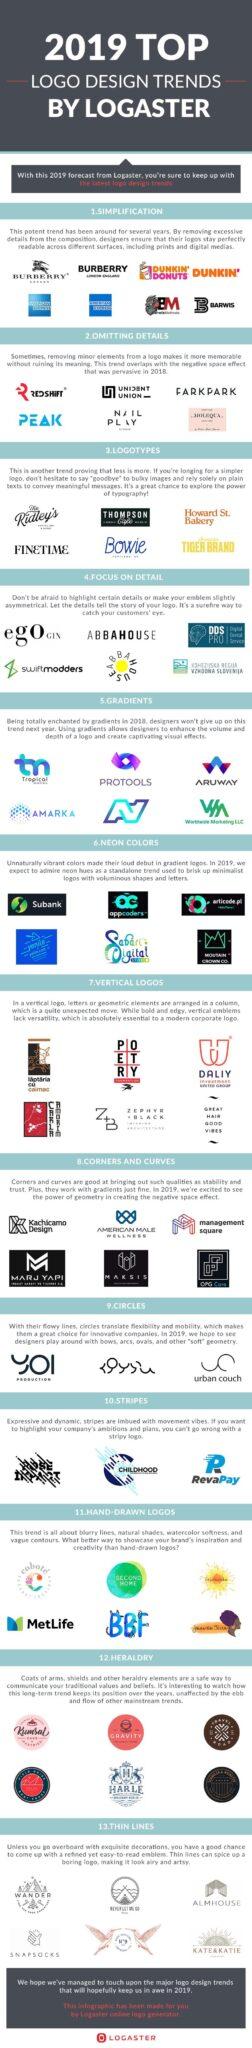 tendencias de diseño